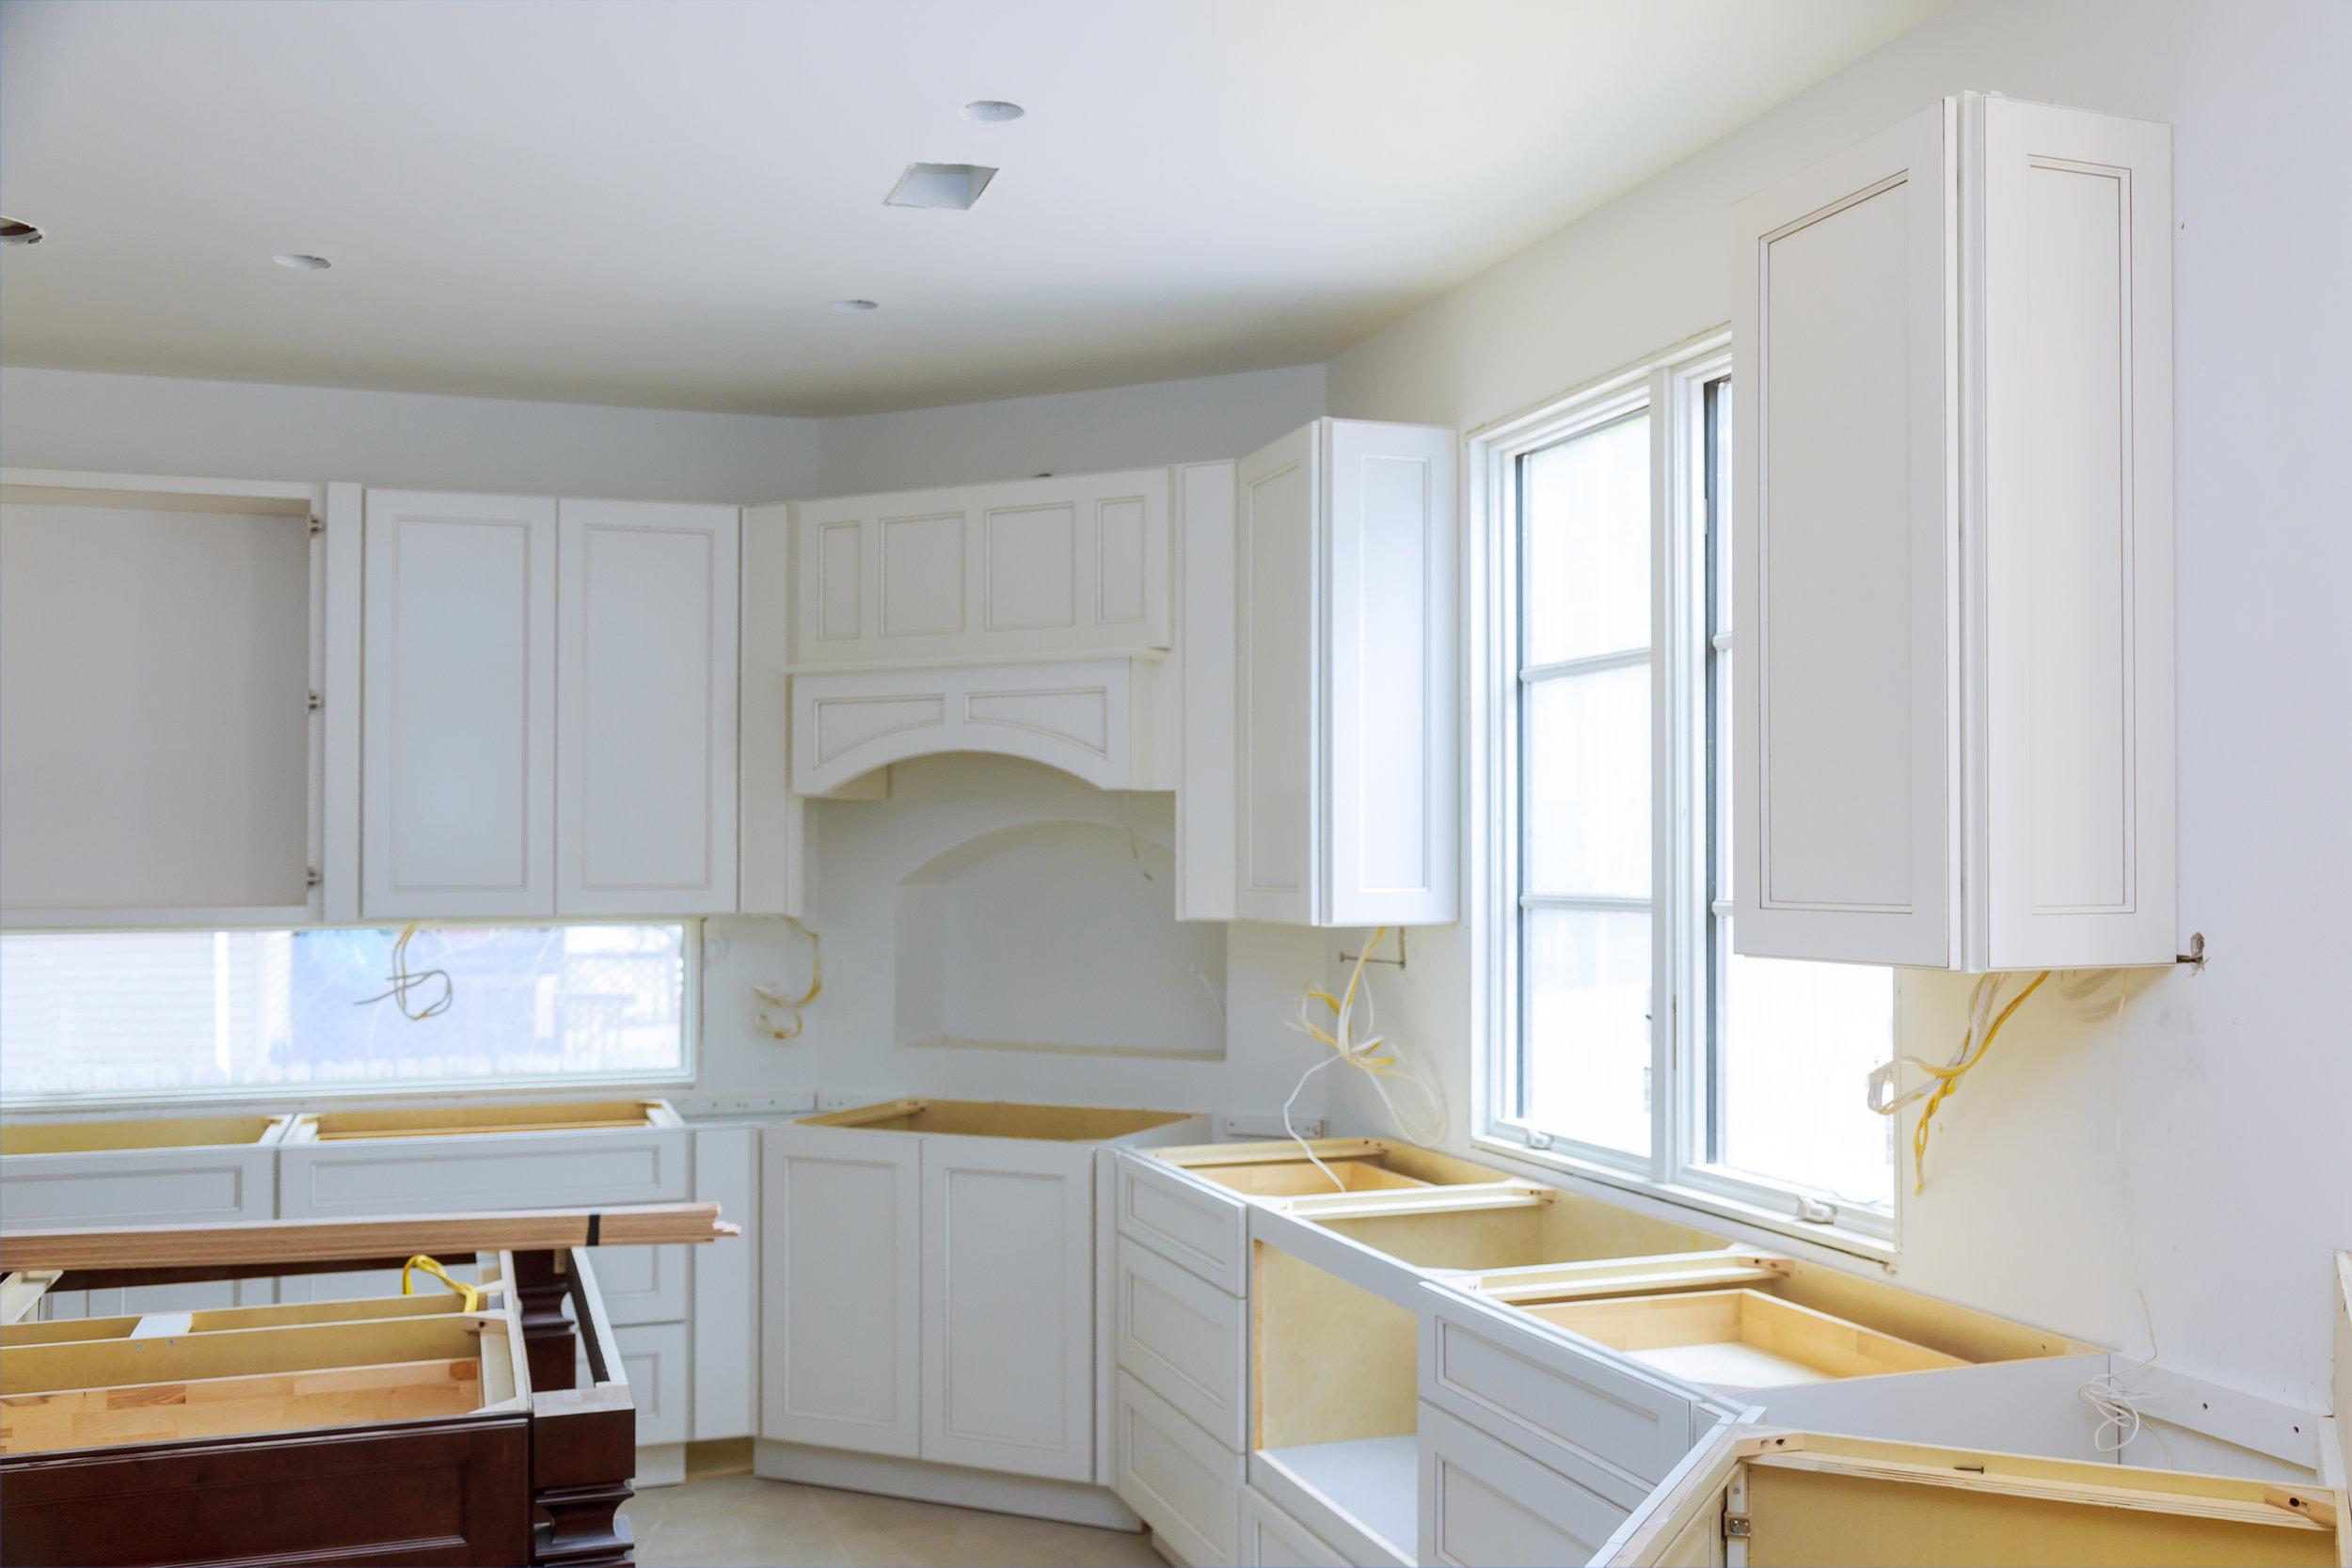 Kitchen Repair Services